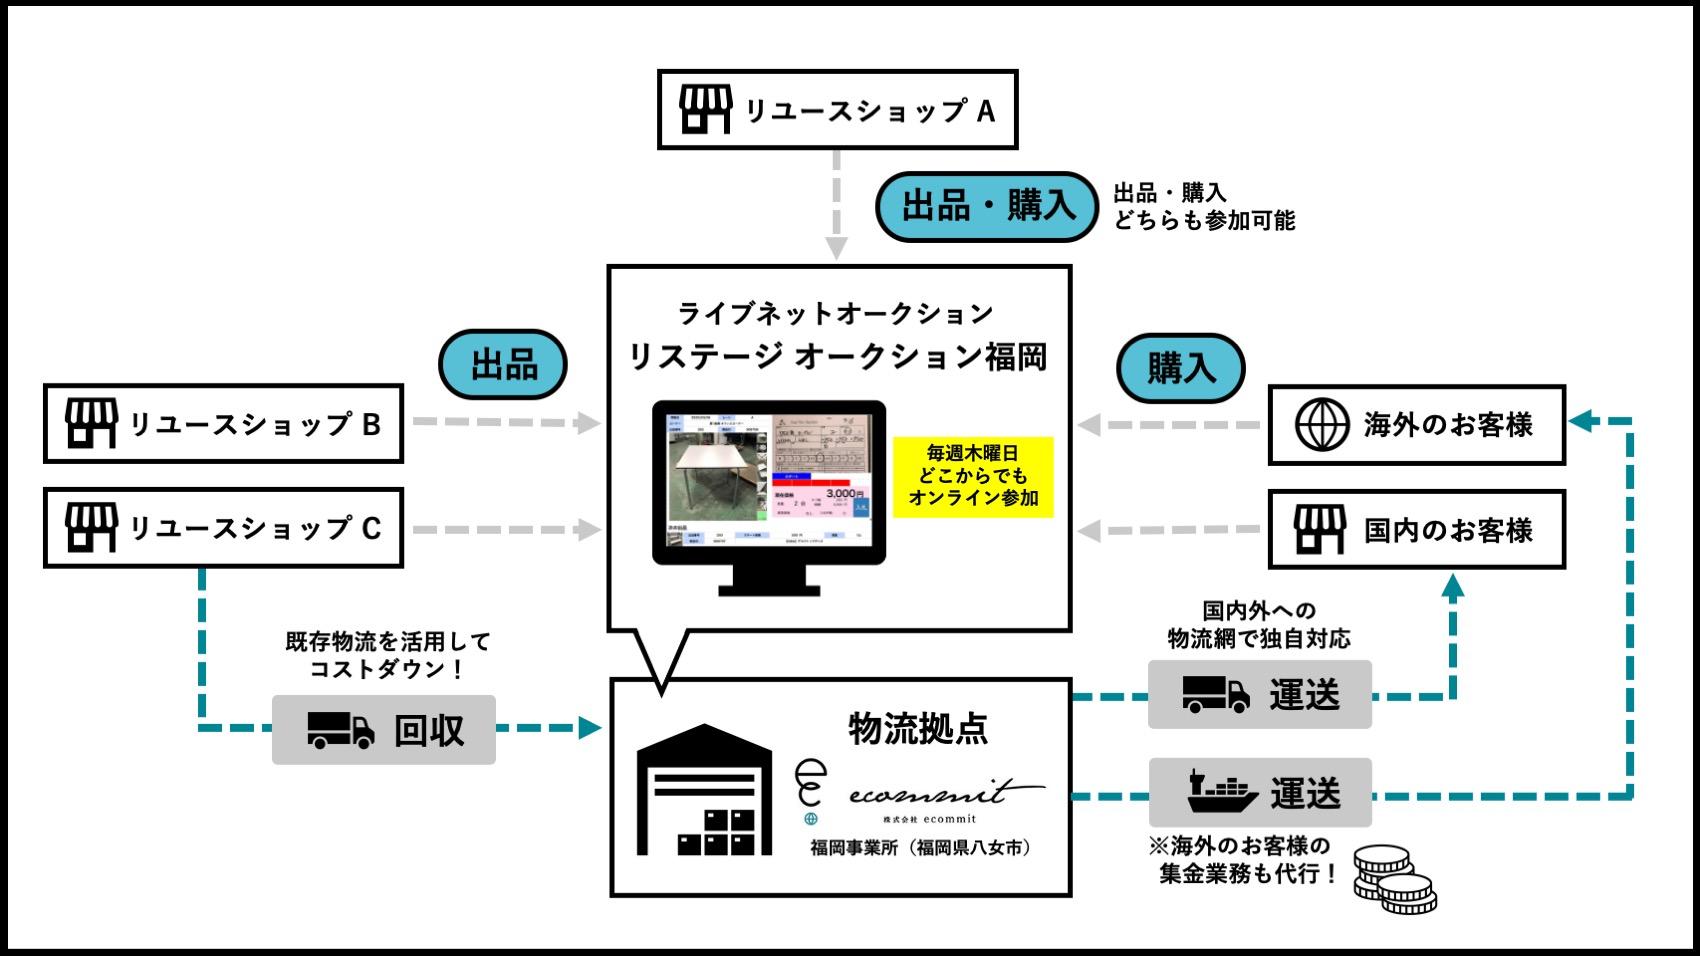 修正版_リステージ福岡スキーム図